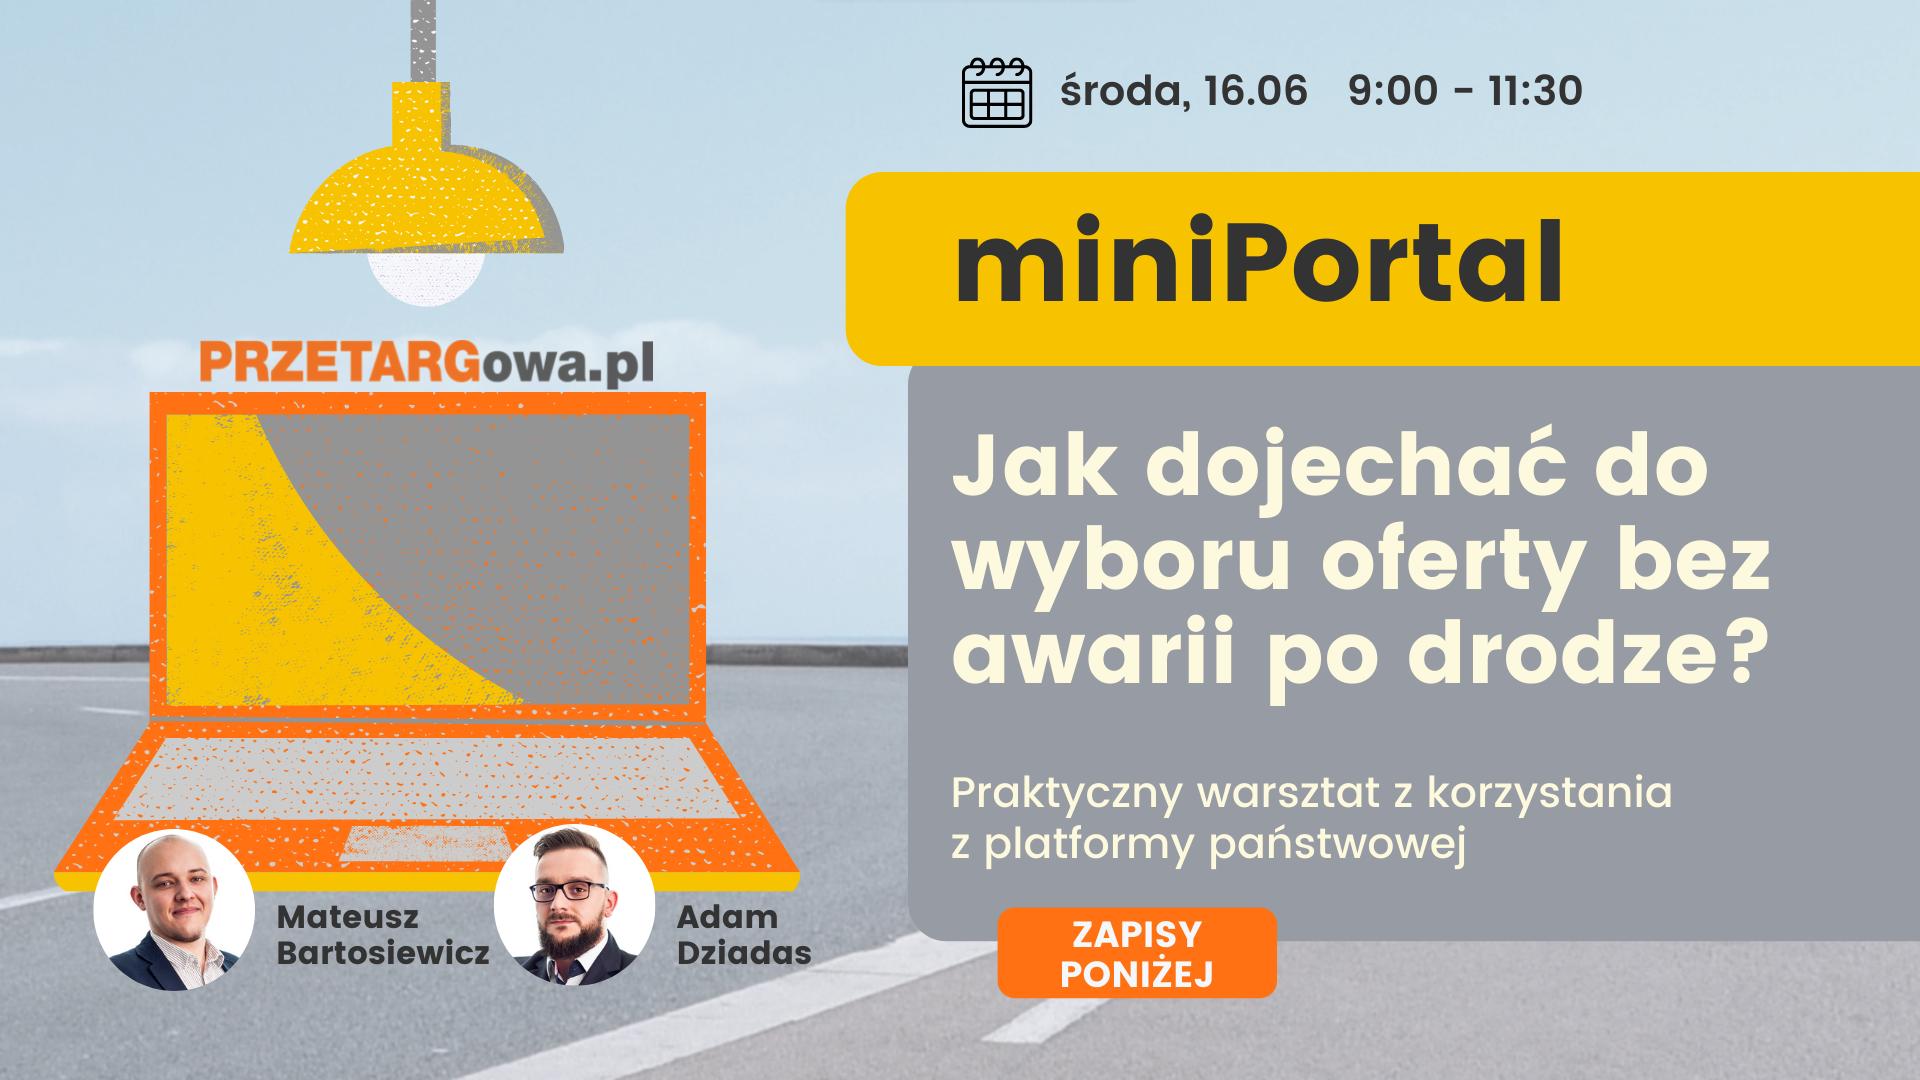 miniPortal-2